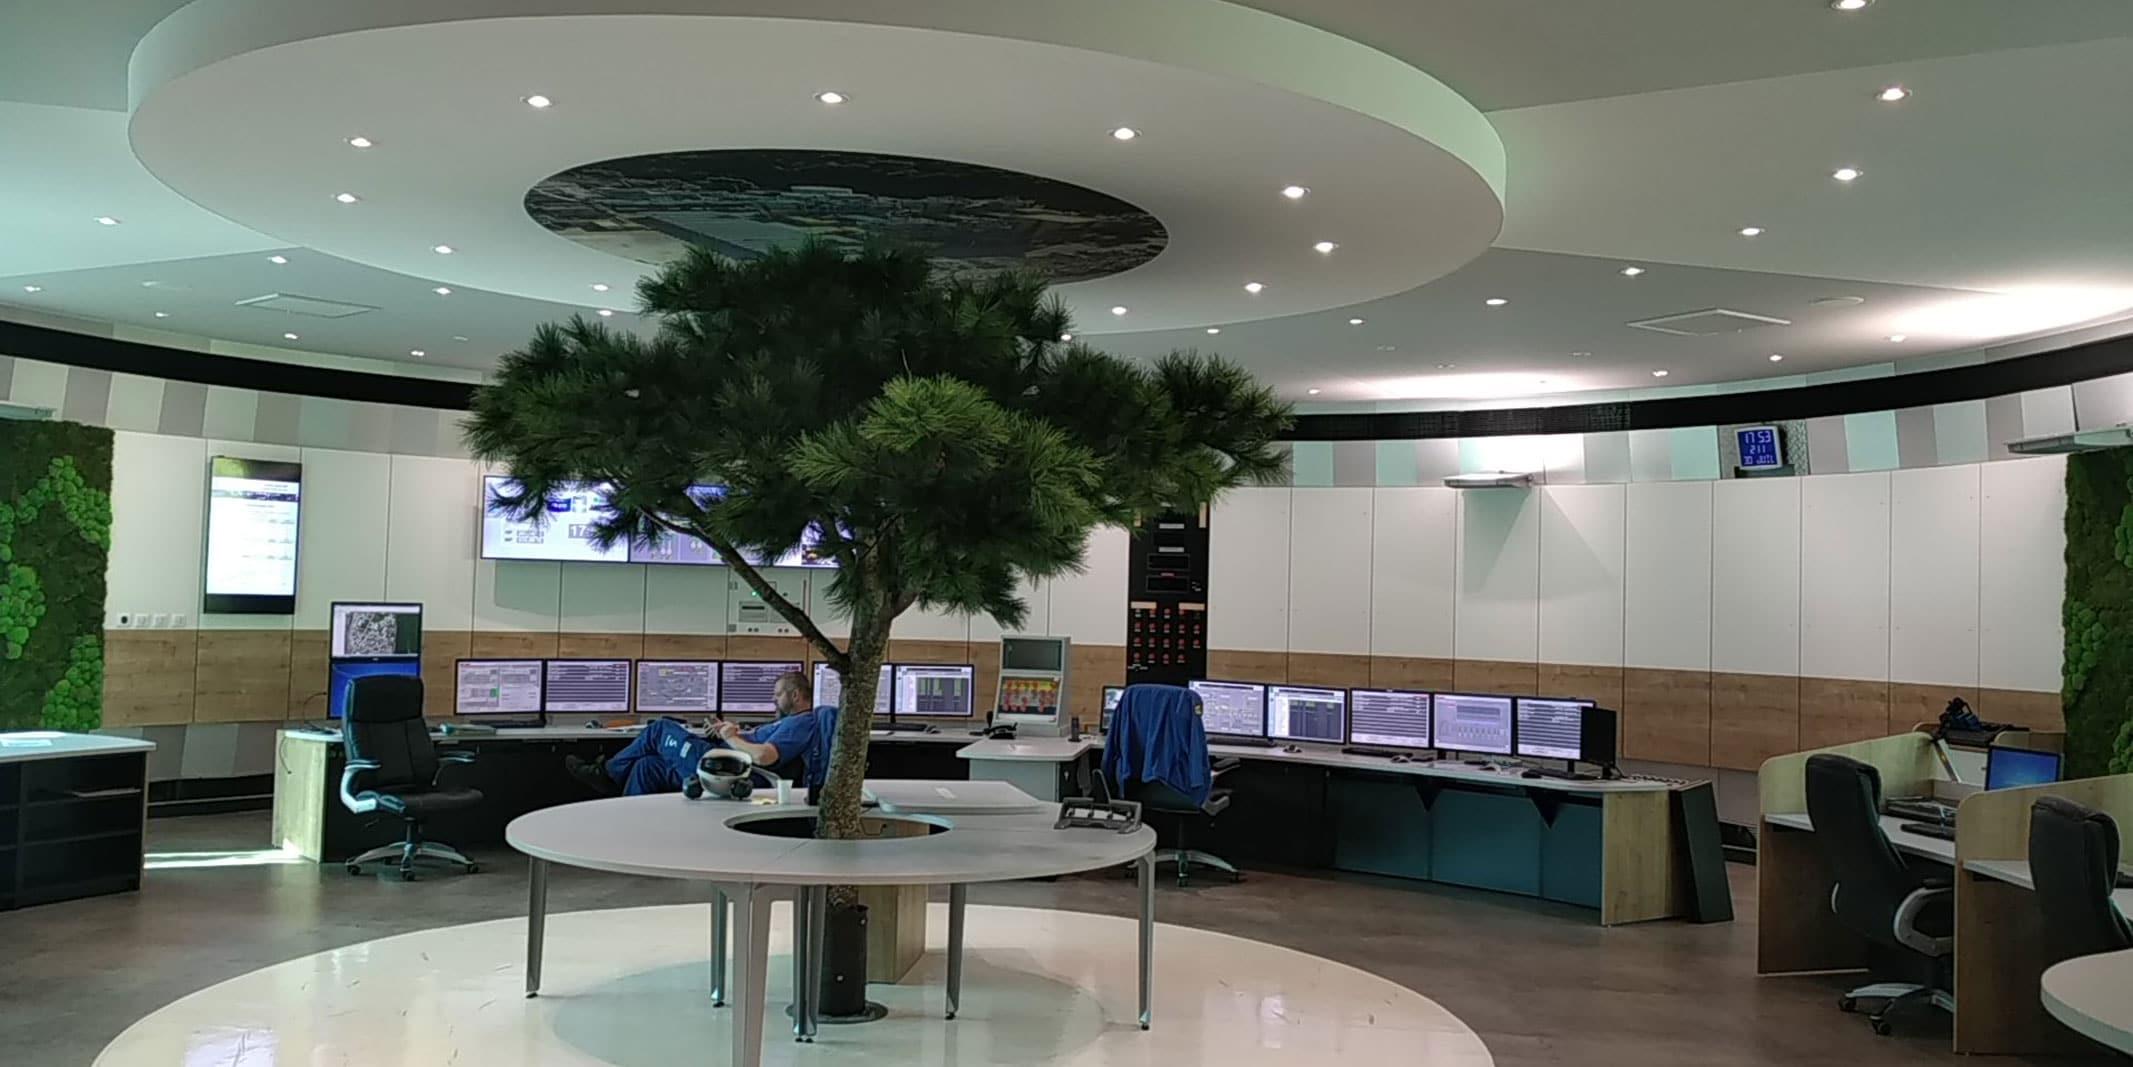 bureau etudes salle controle martime salle de controle salle de supervision par SOA Agencement bureau d'études pour CSU, entreprises et industriels.